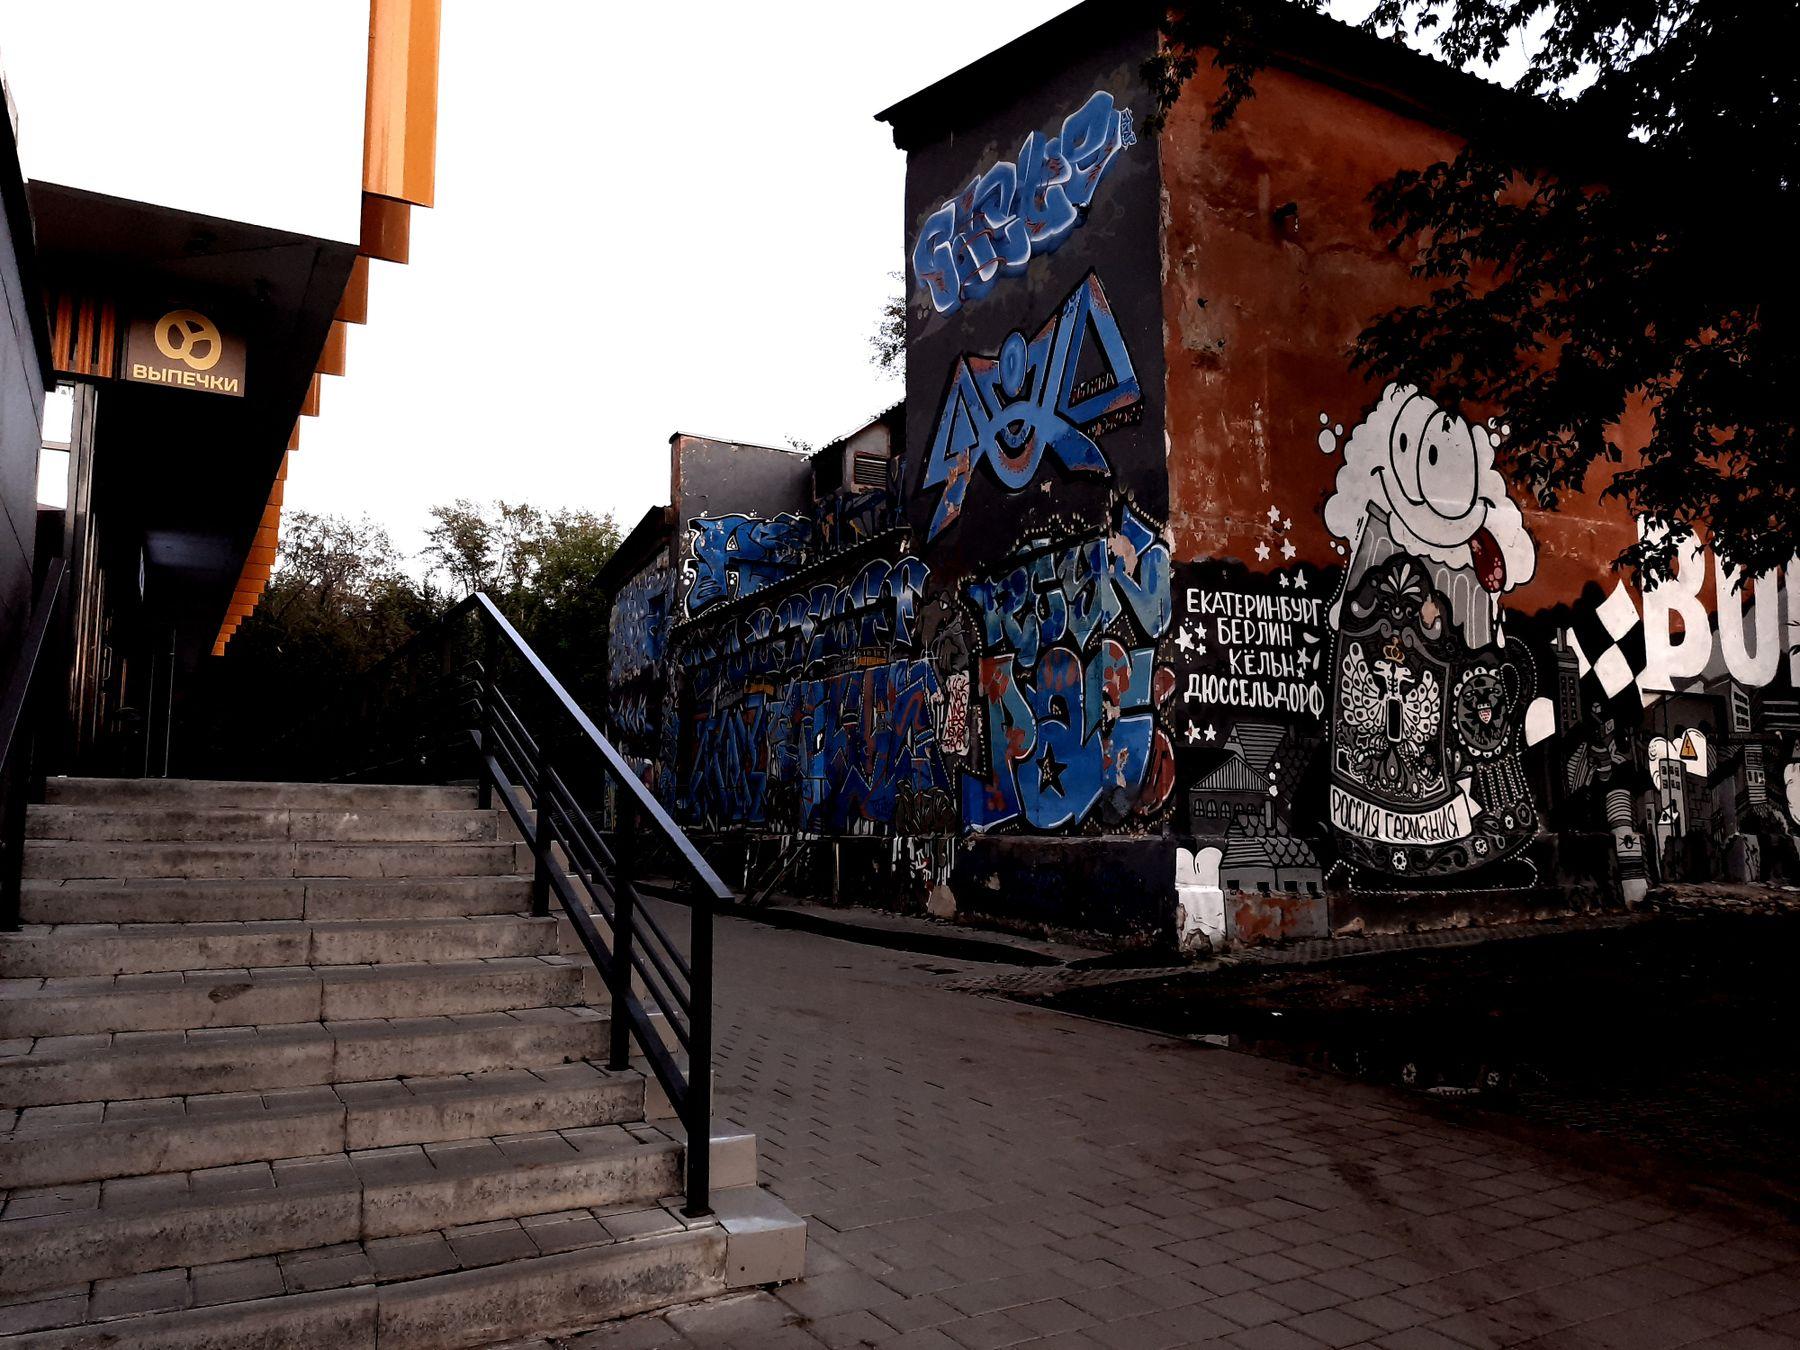 Лестница у выпечки Урбан улица лестница граффити